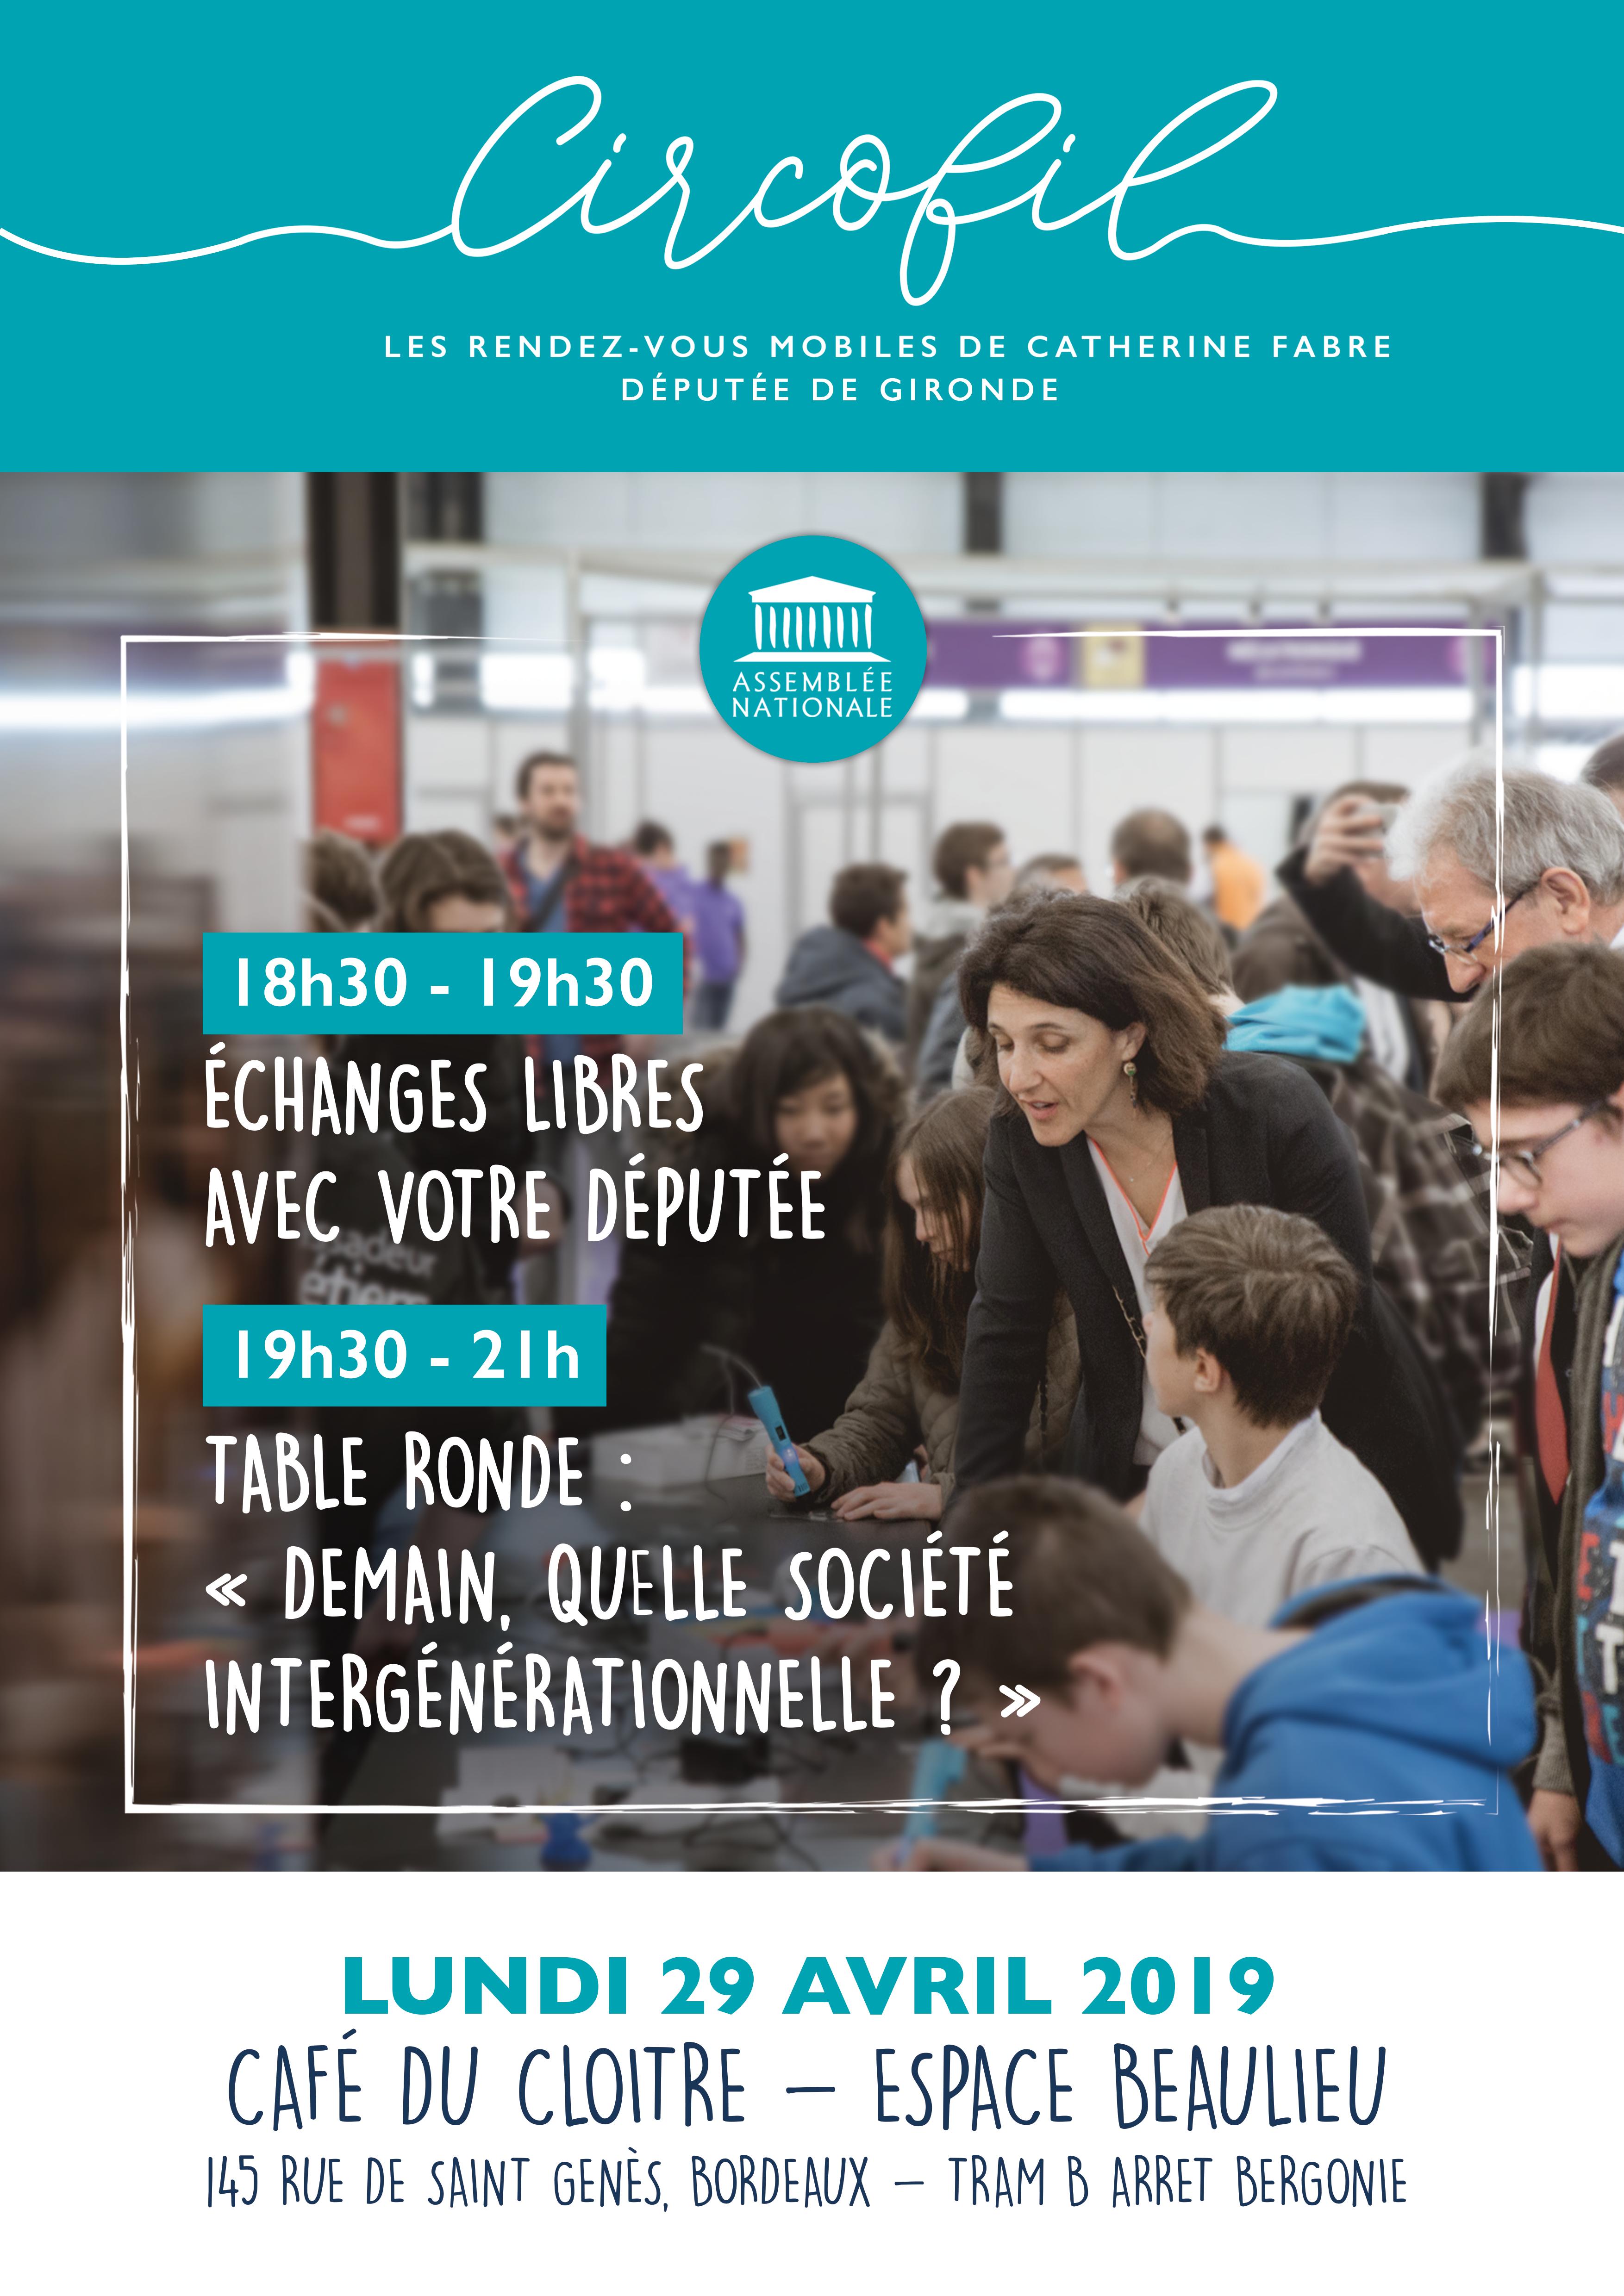 L'affiche de Circofil 5, la réunion publique organisée par Catherine Fabre